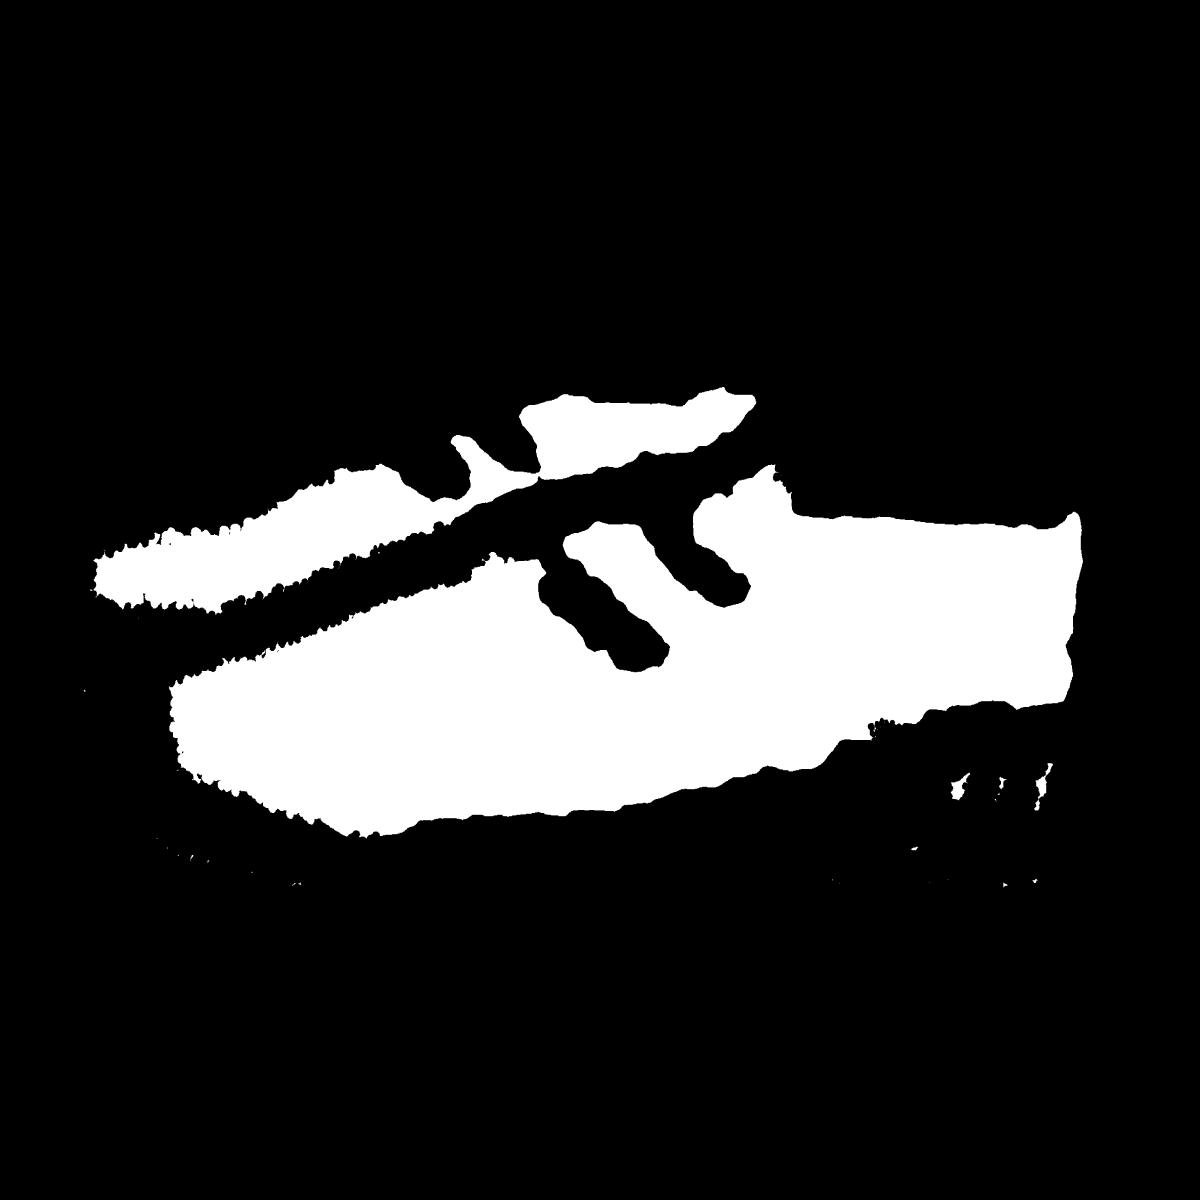 ビジネスシューズのイラスト / Business shoes Illustration